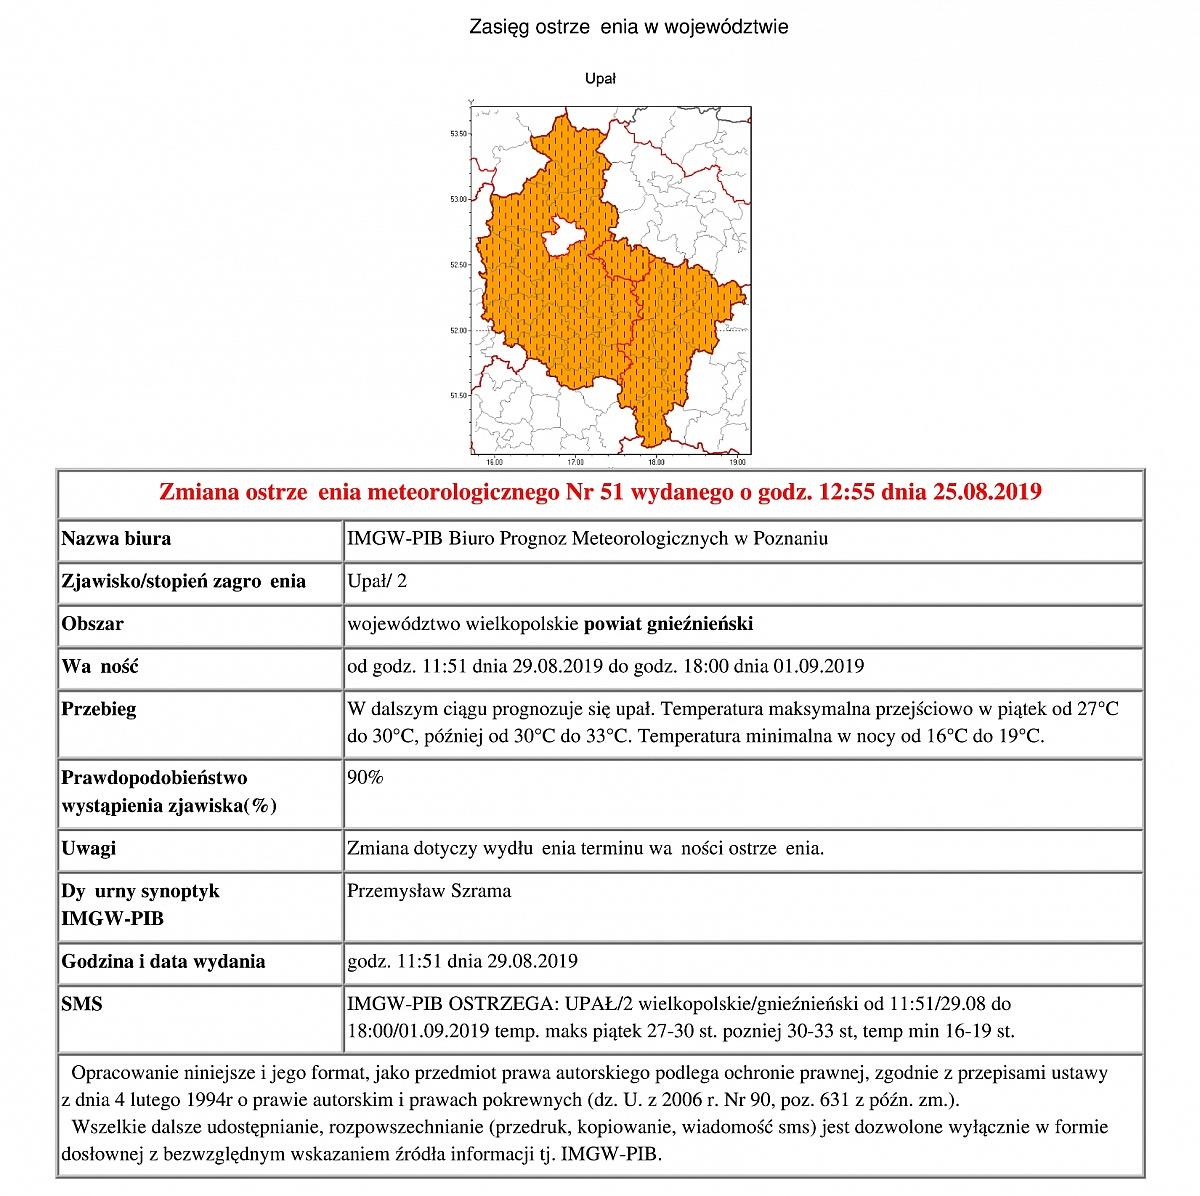 Ostrzeżenie meteorologiczne: upał